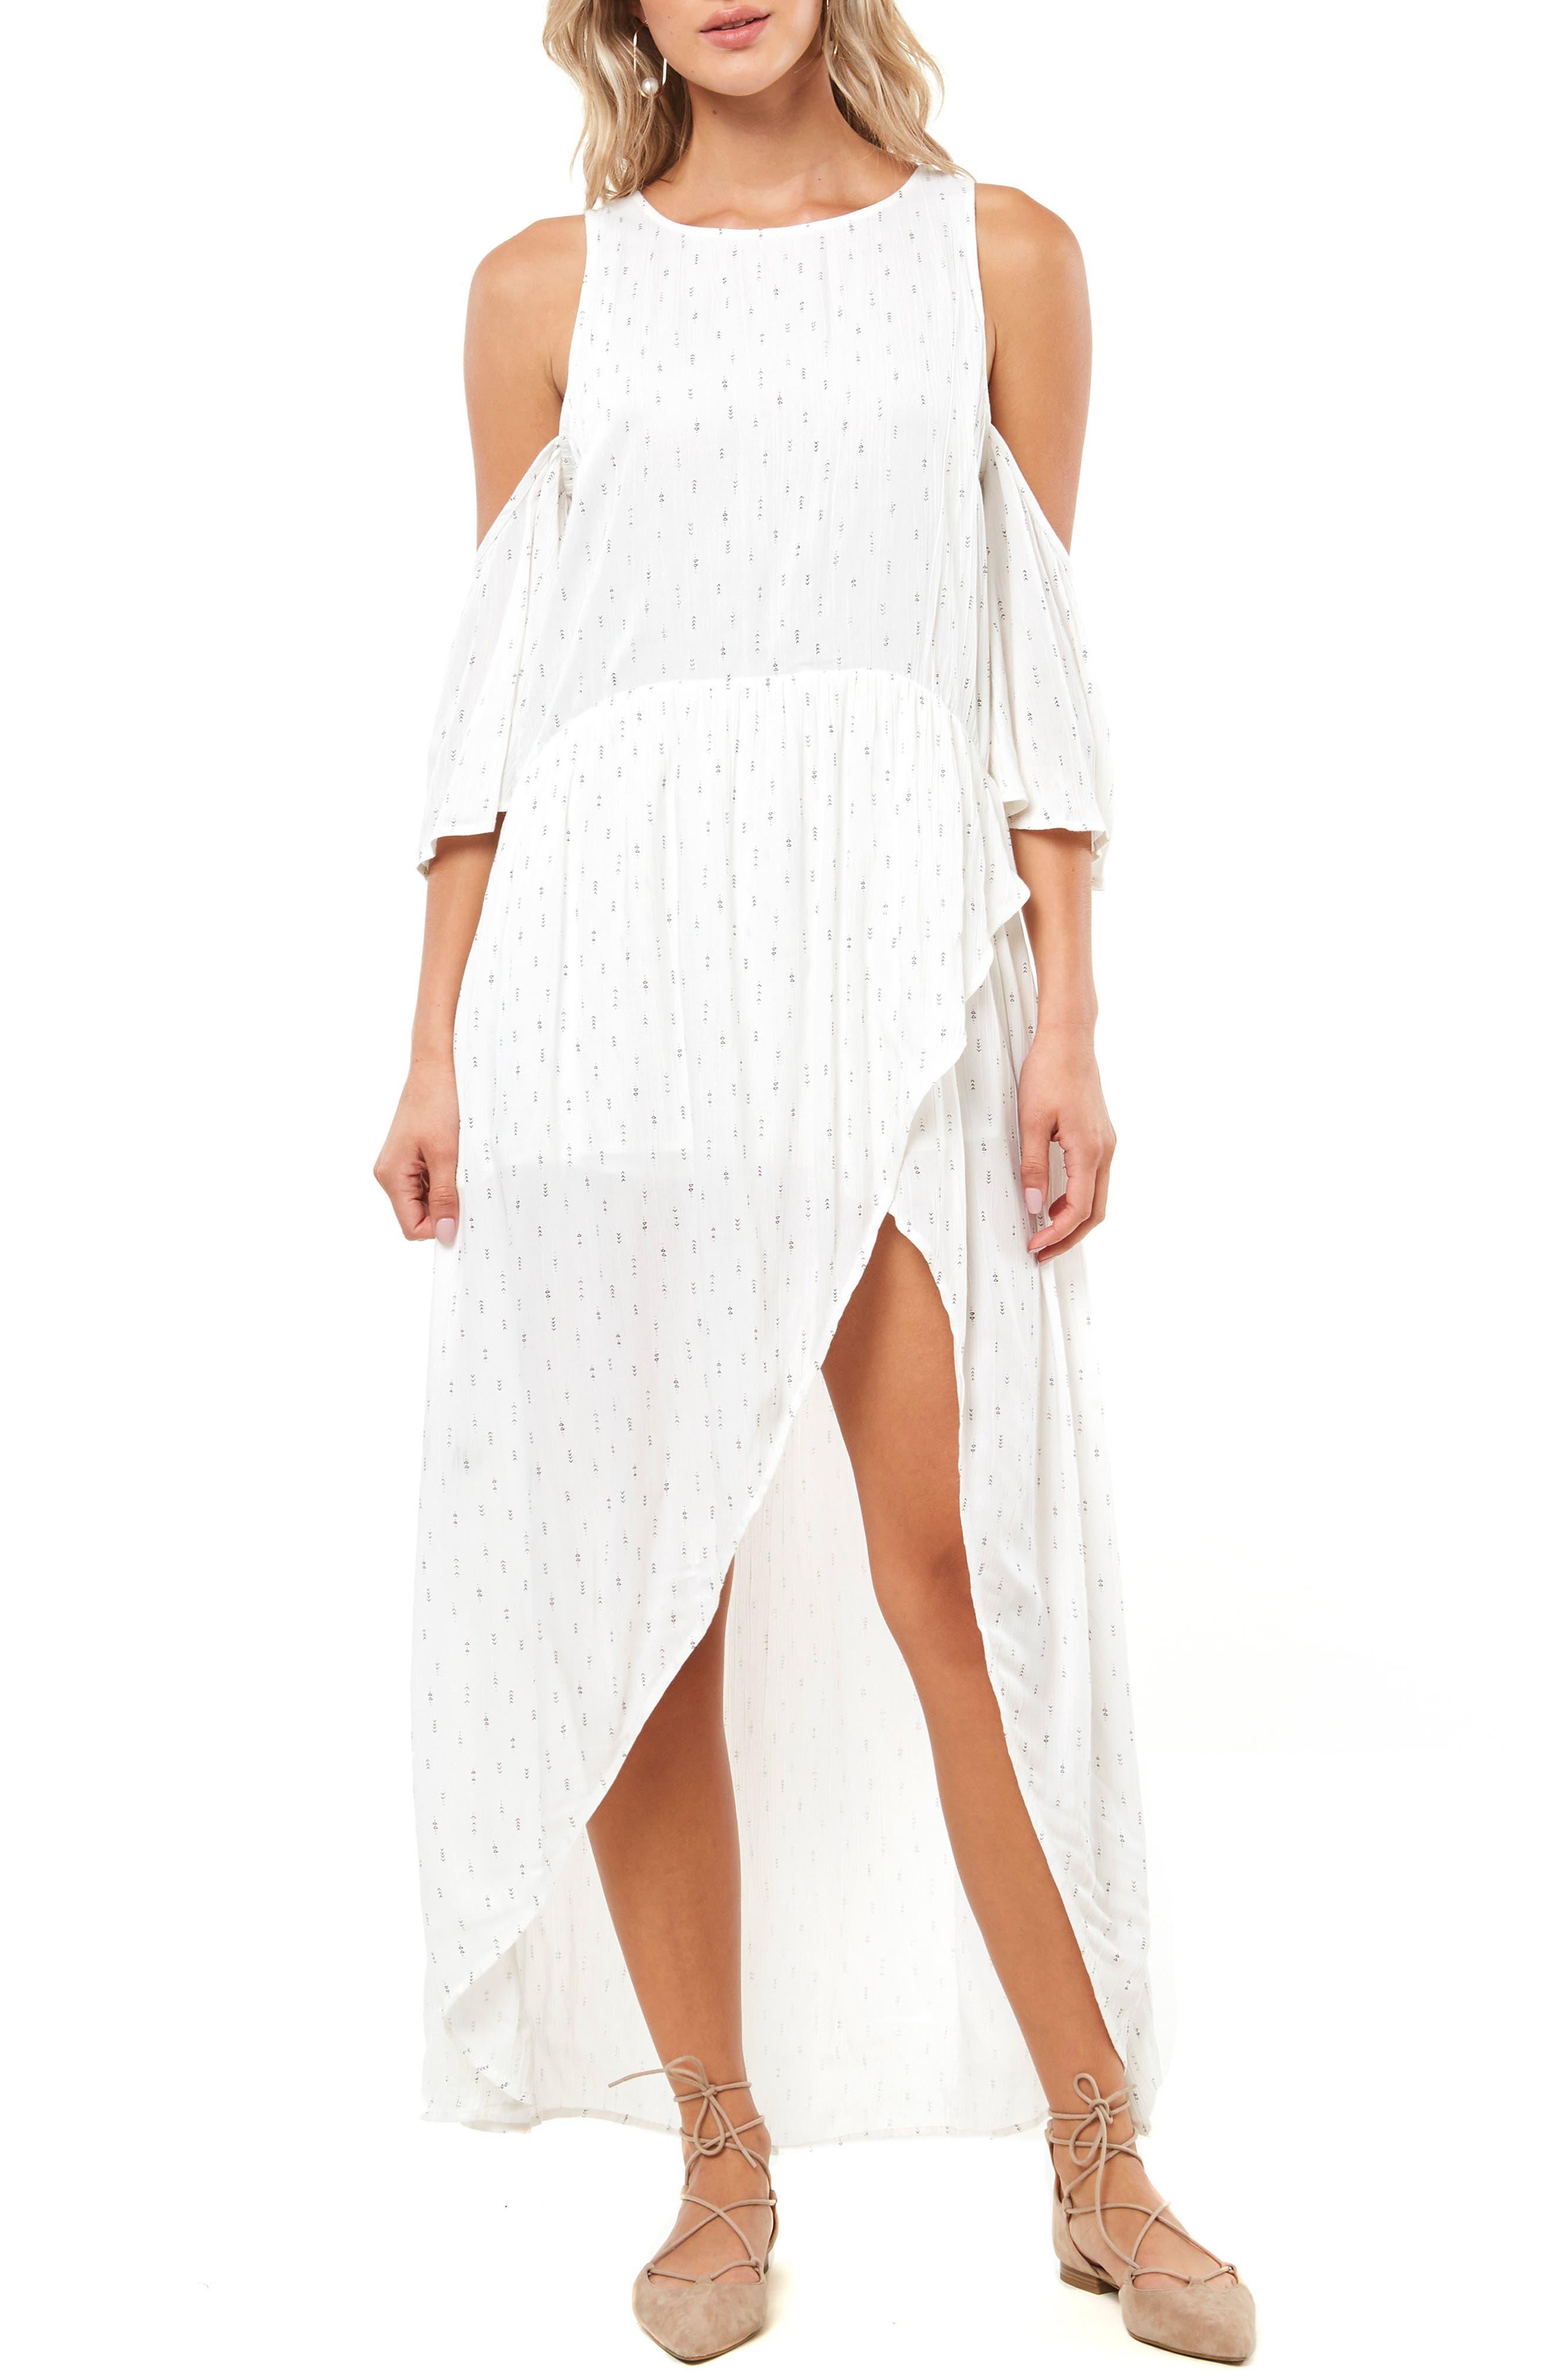 Blake Cold Shoulder Maxi Dress,                             Main thumbnail 1, color,                             NAKED